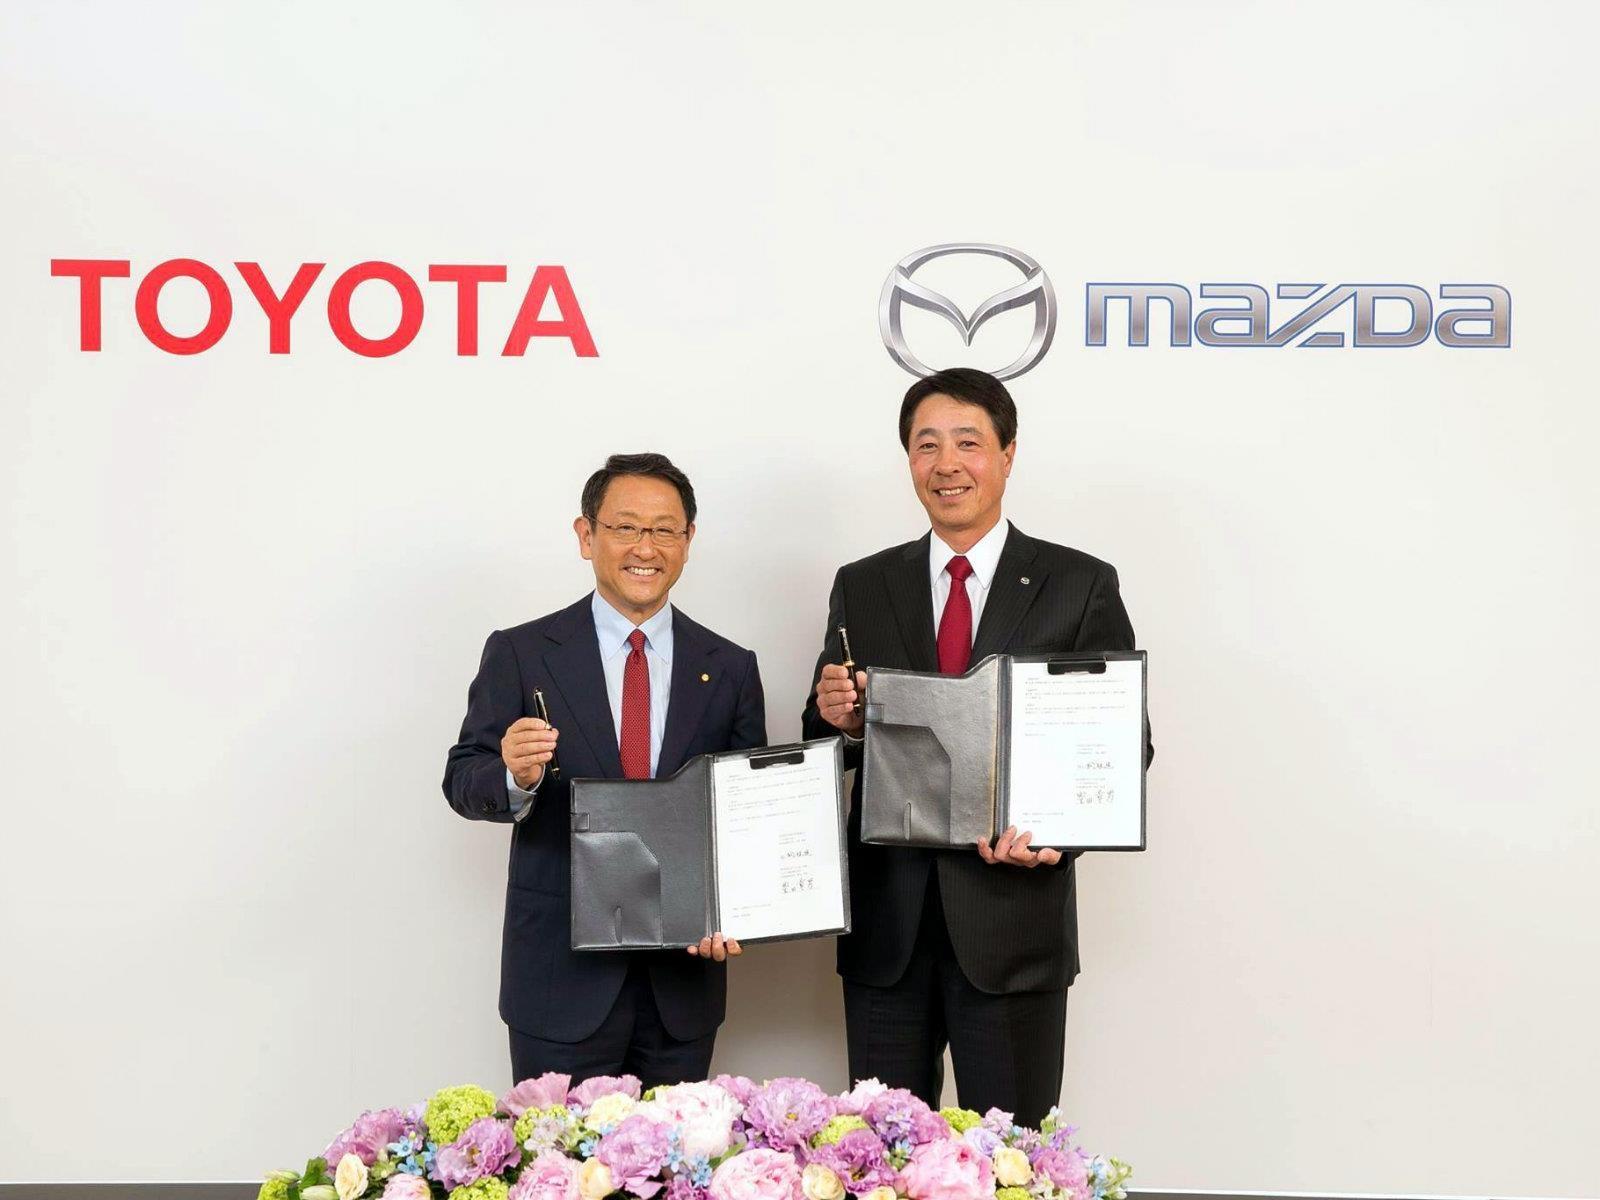 Toyota y Mazda forman alianza para construir una fábrica en Estados Unidos